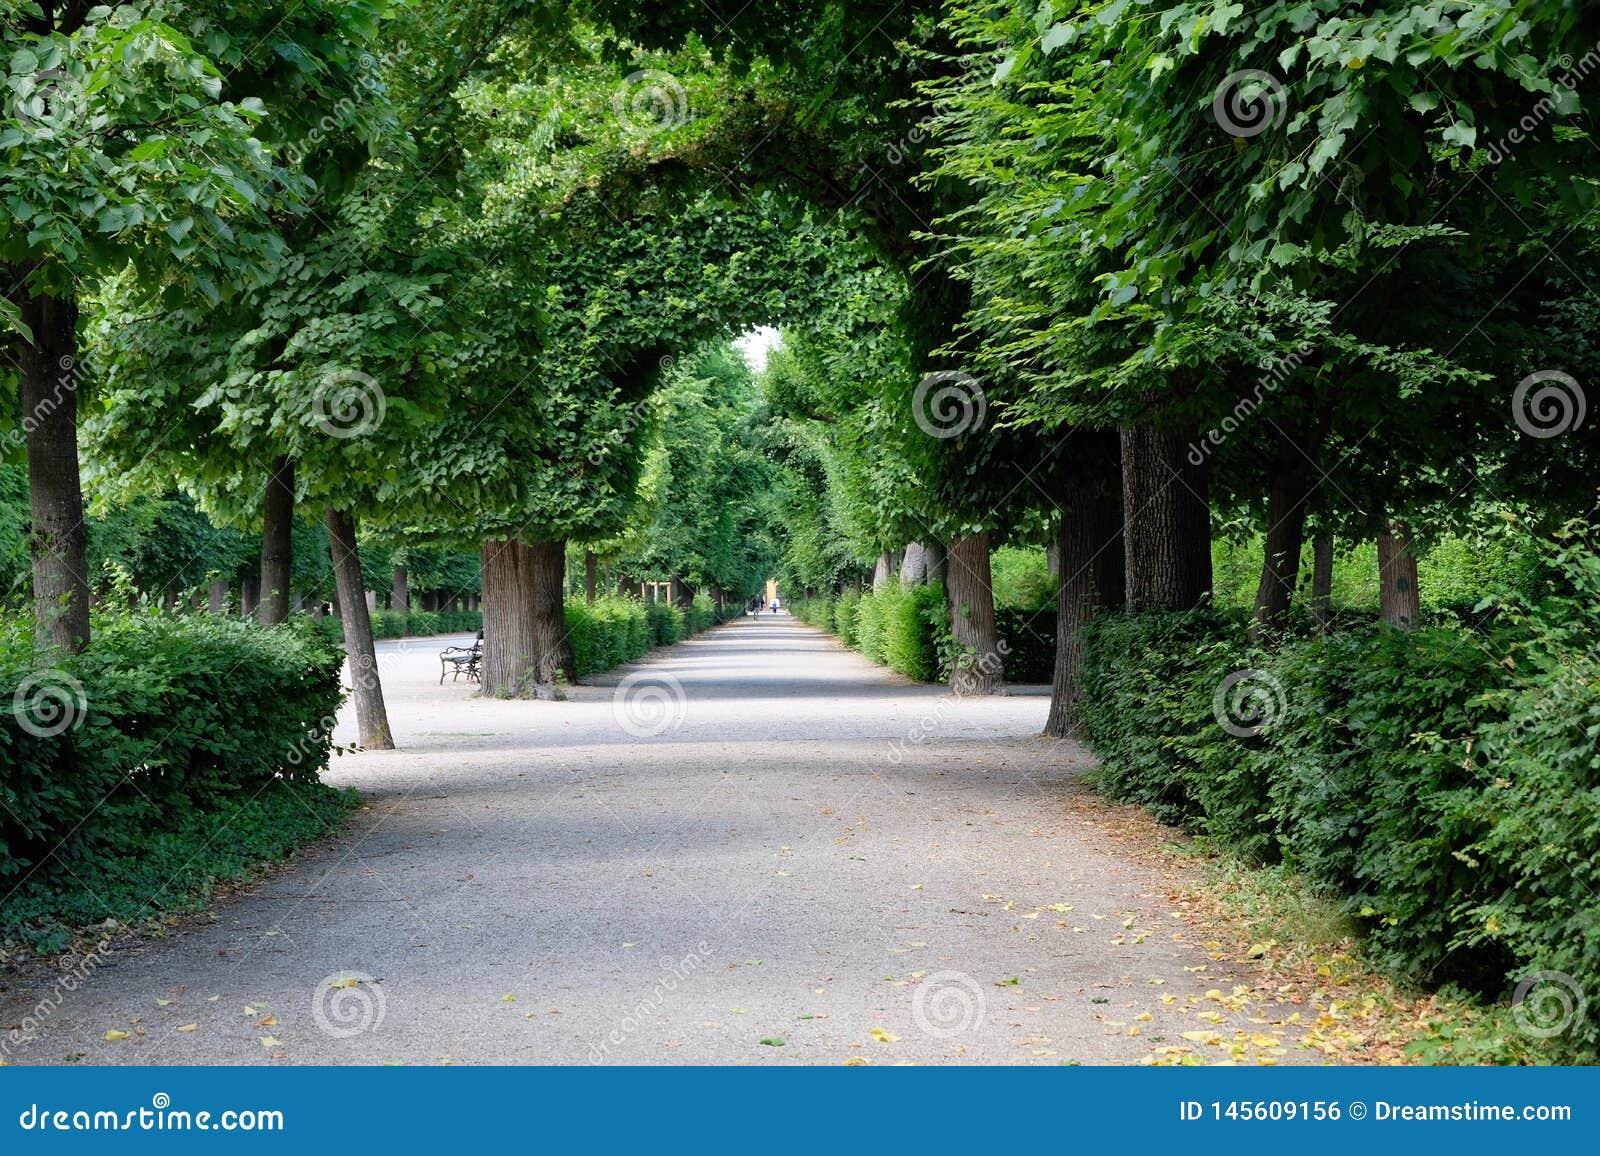 Σήραγγα των δέντρων σε έναν αυστριακό κήπο